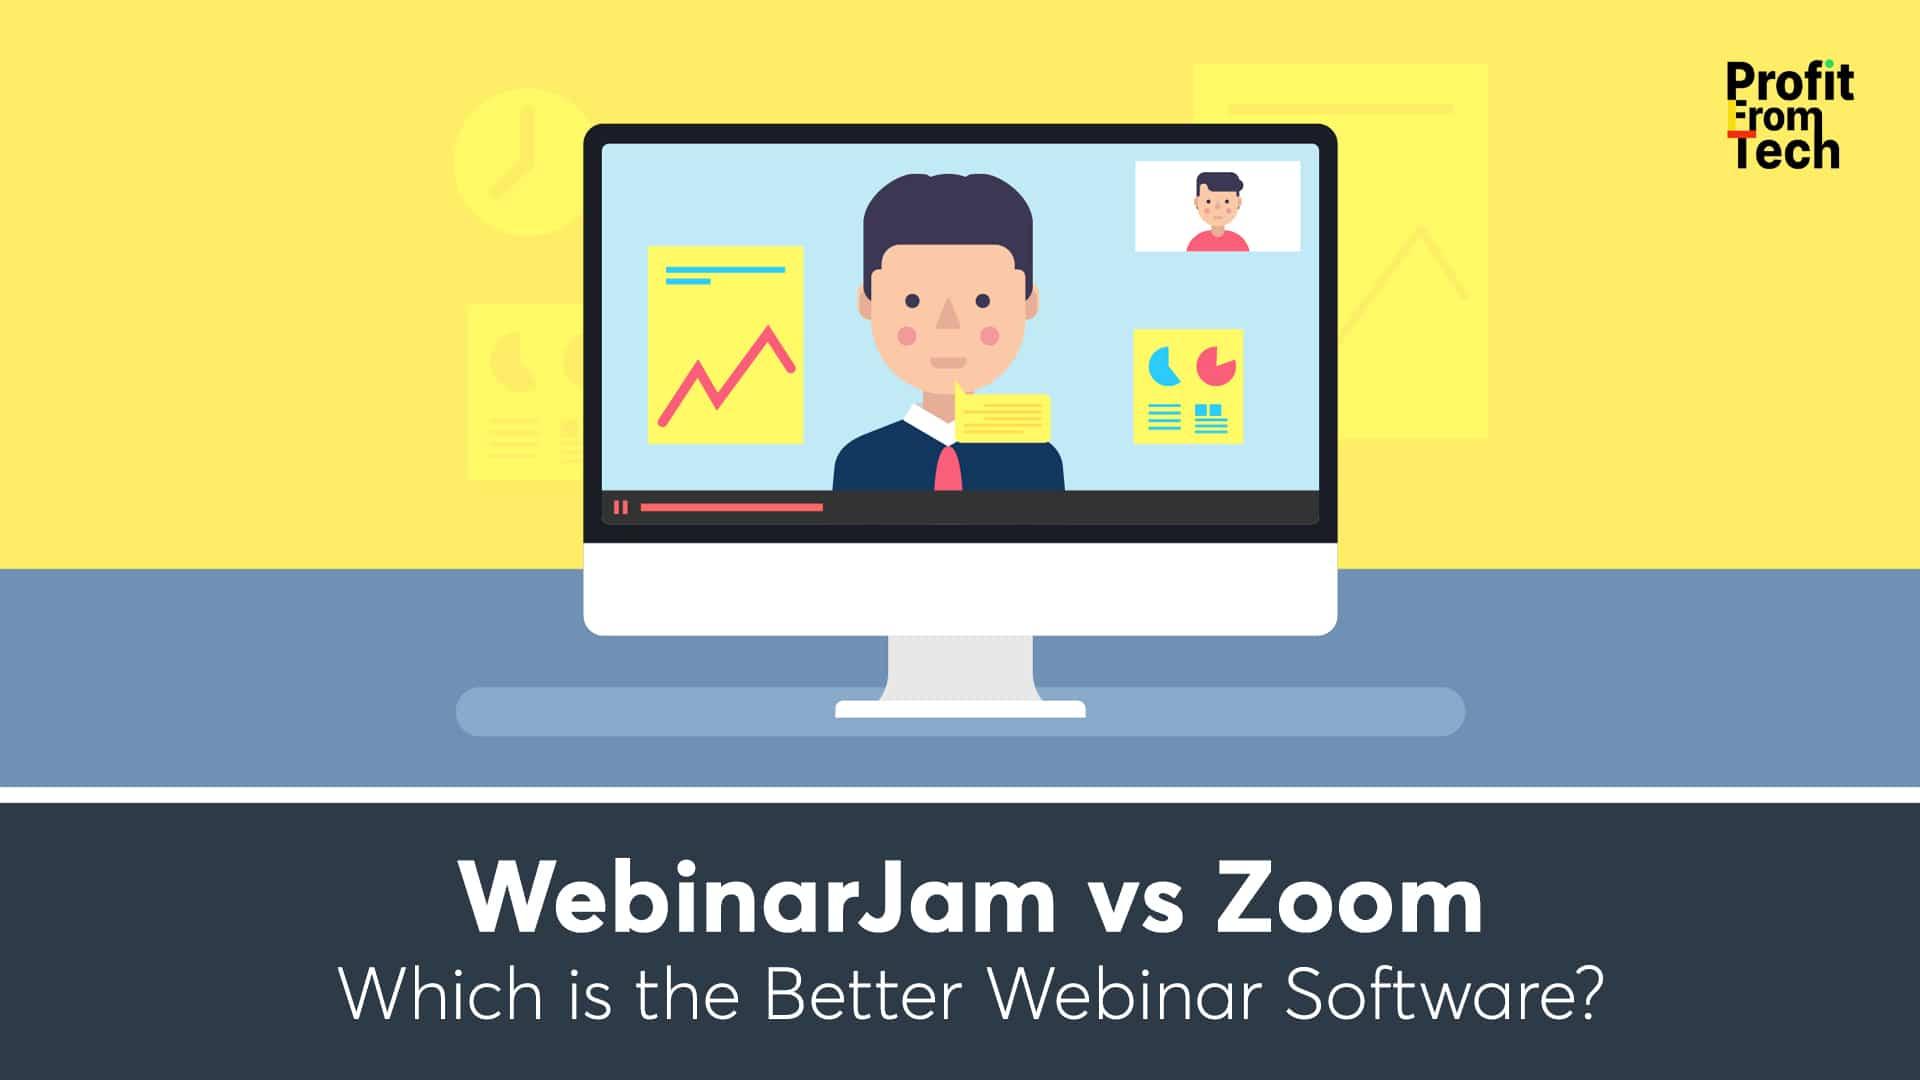 WebinarJam vs Zoom